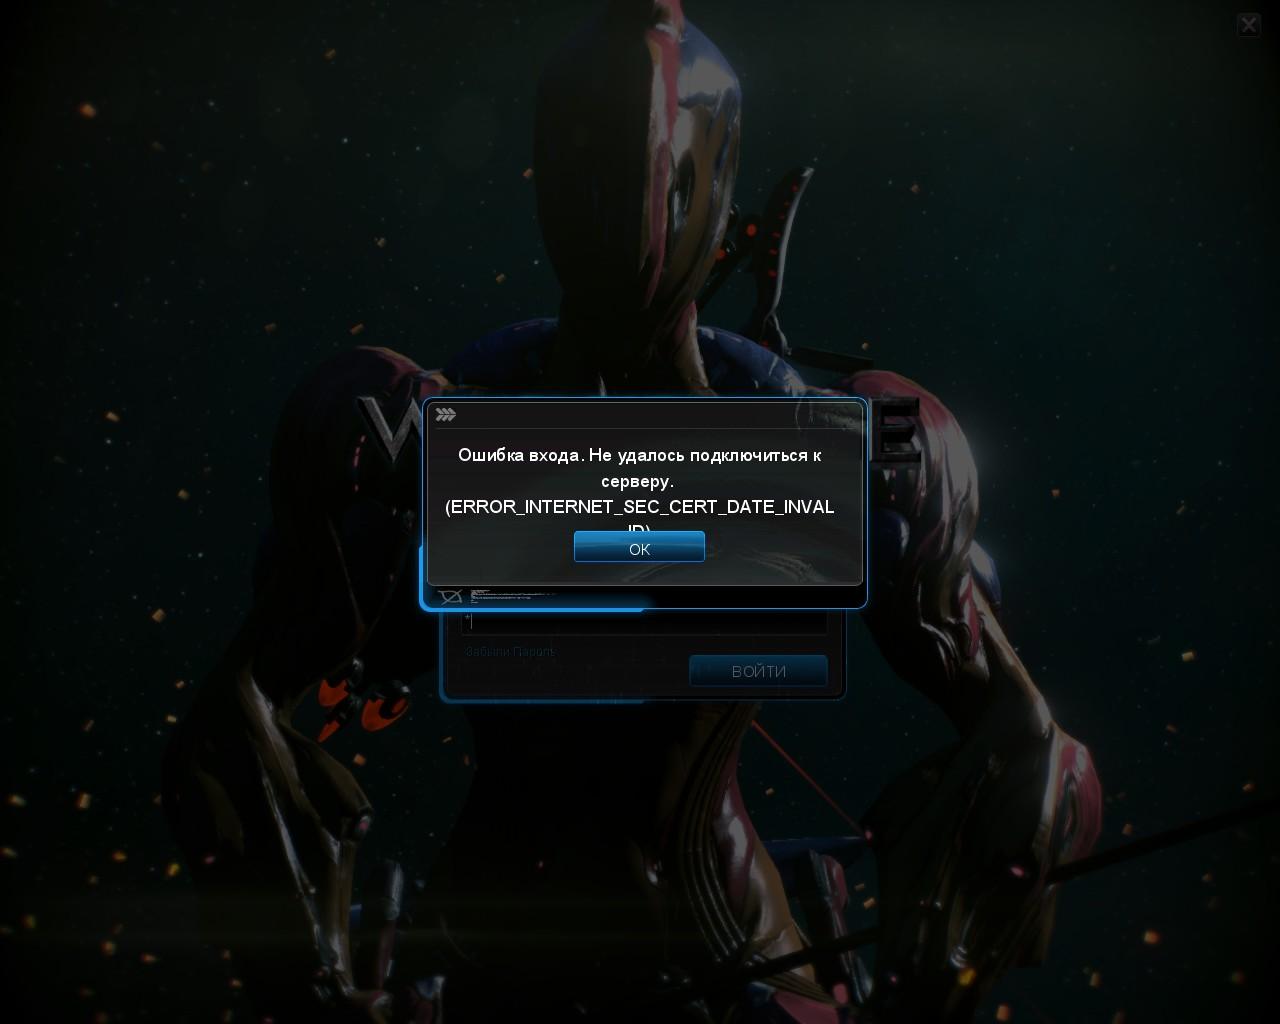 Почему не удается подключиться к серверу